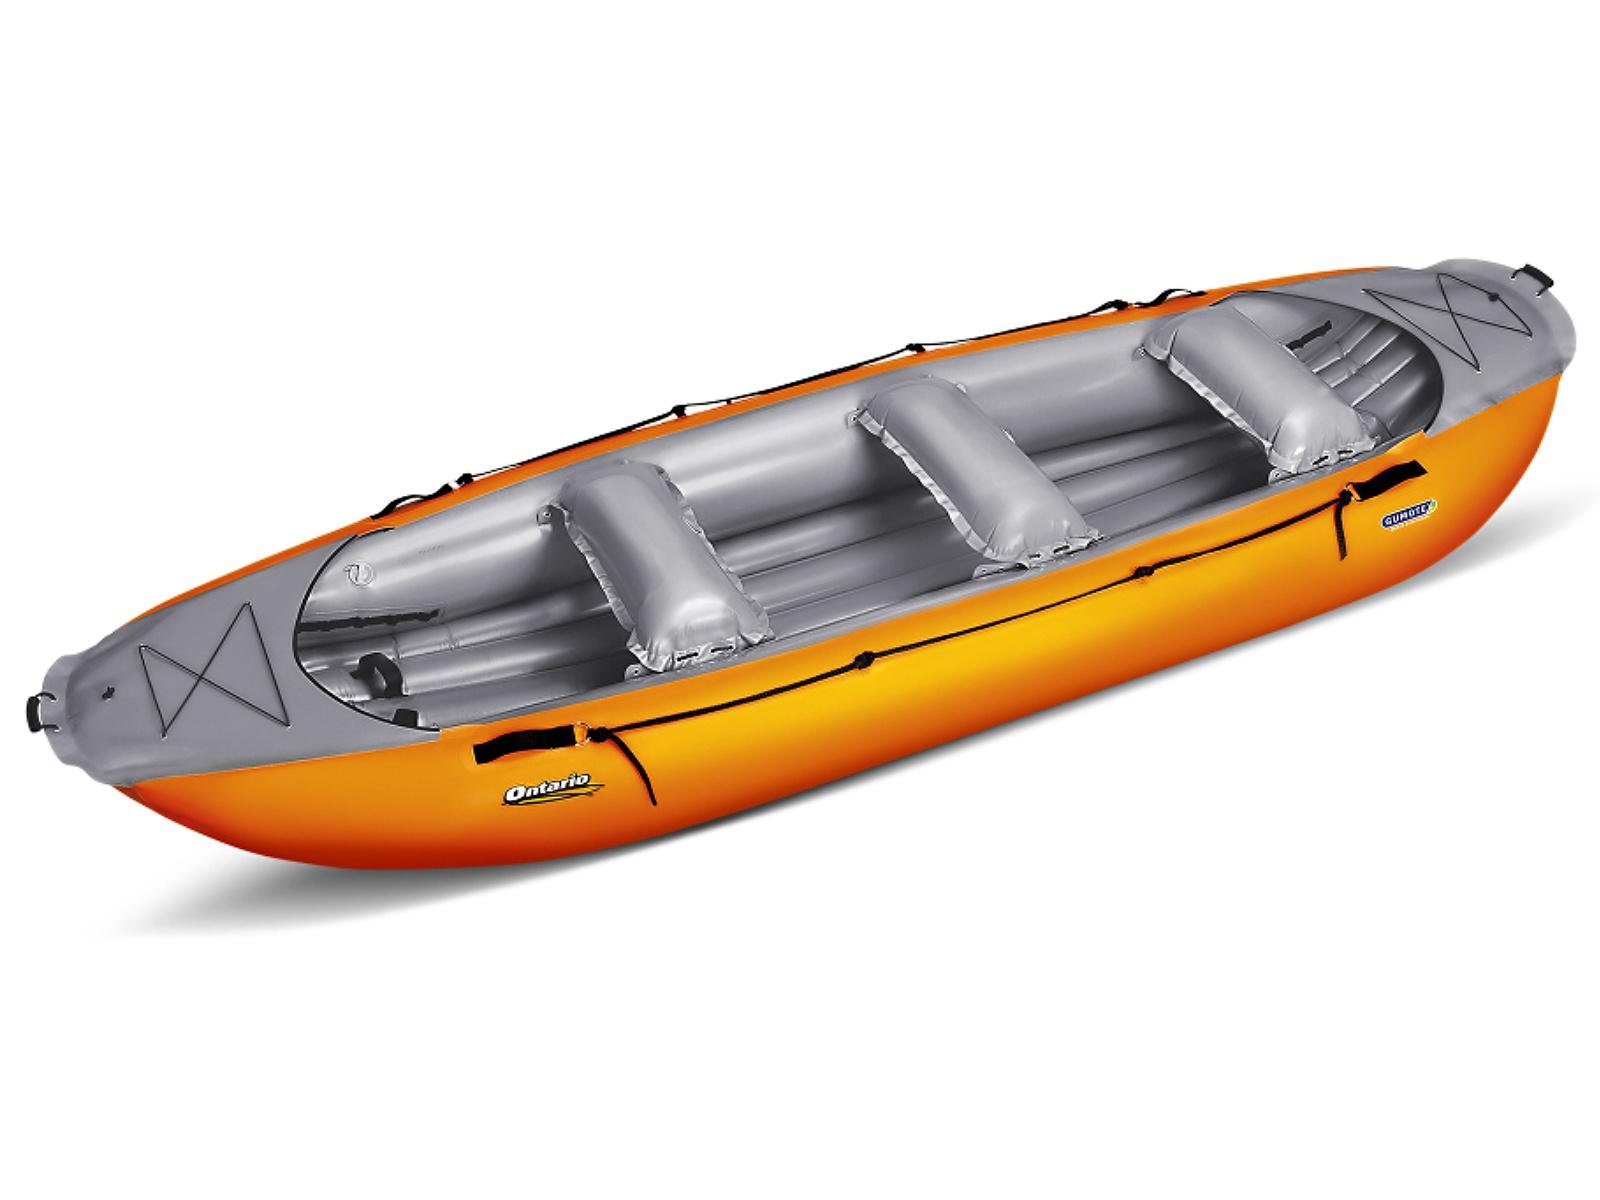 Nafukovací raft GUMOTEX Ontario 420 oranžovo-šedý